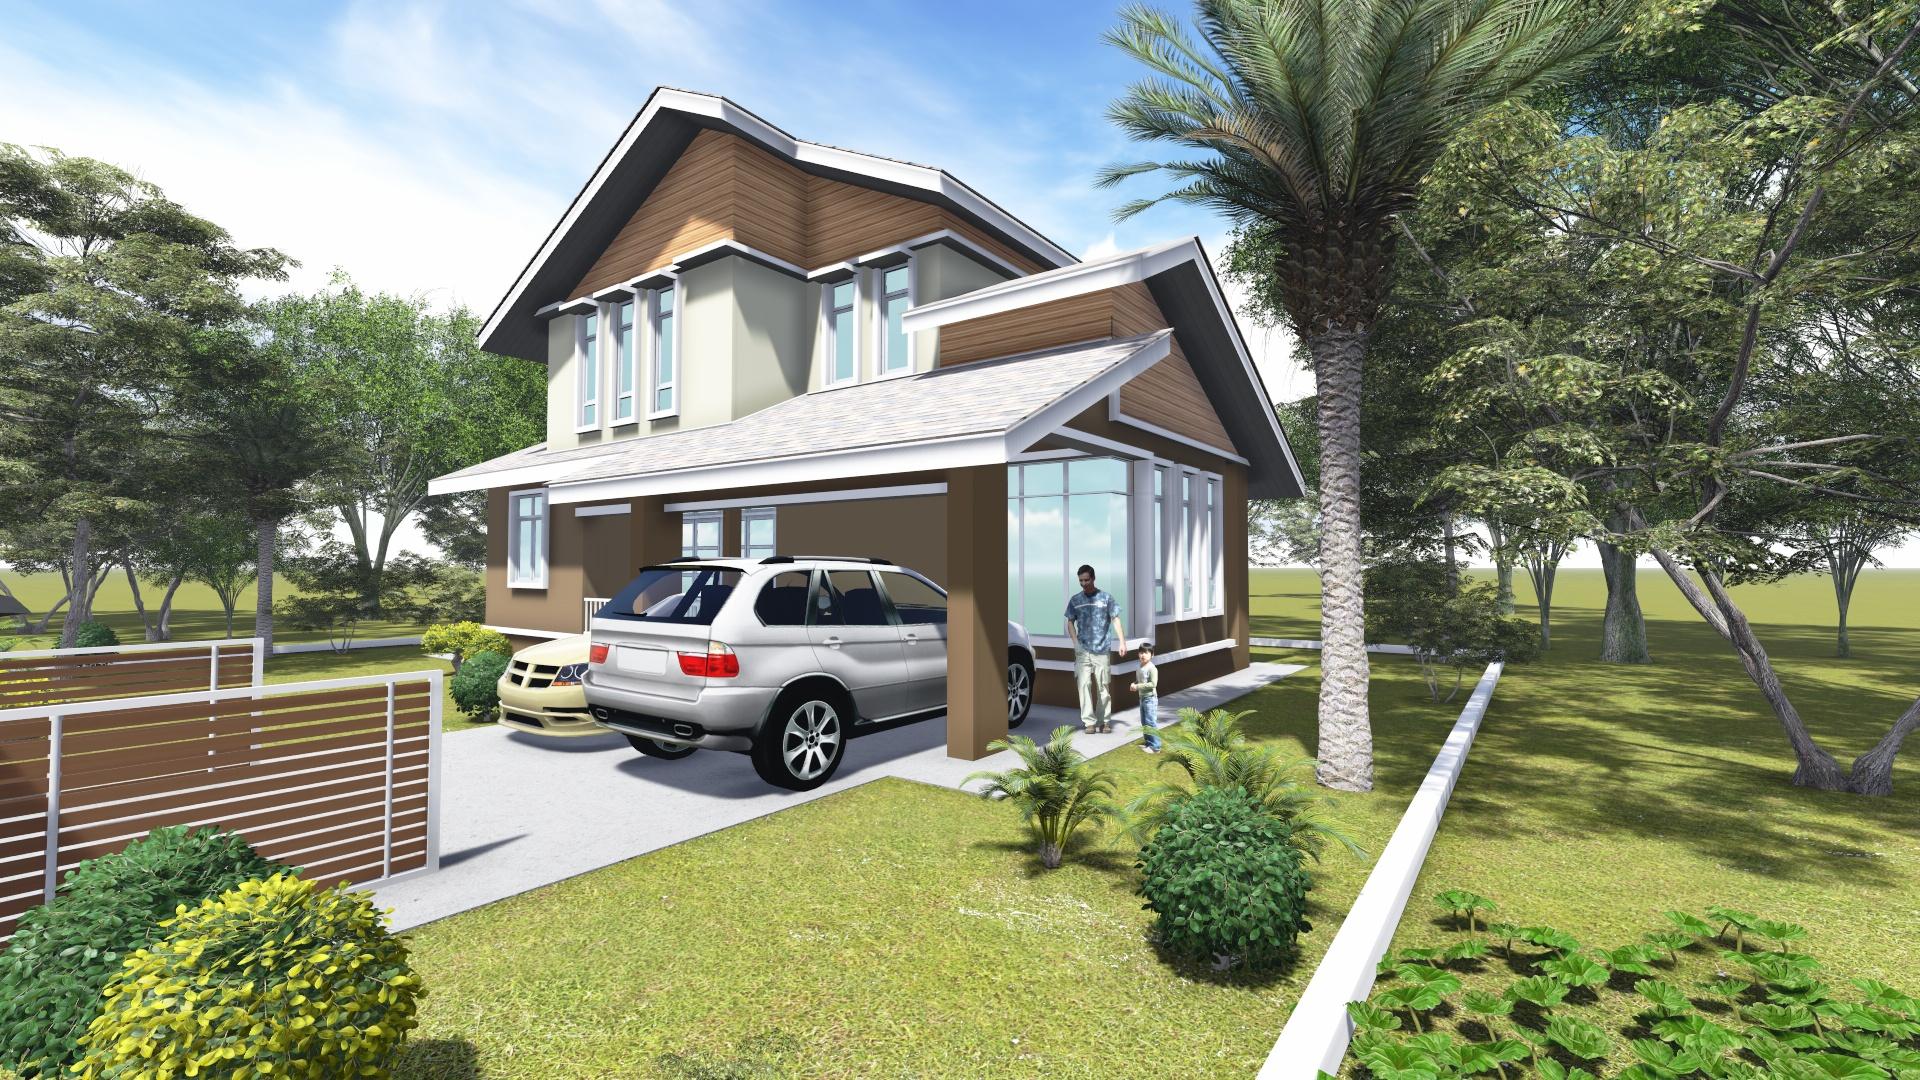 3 Unit Rumah Banglo 1 1/2 Tingkat Taman Cahaya Binaraya